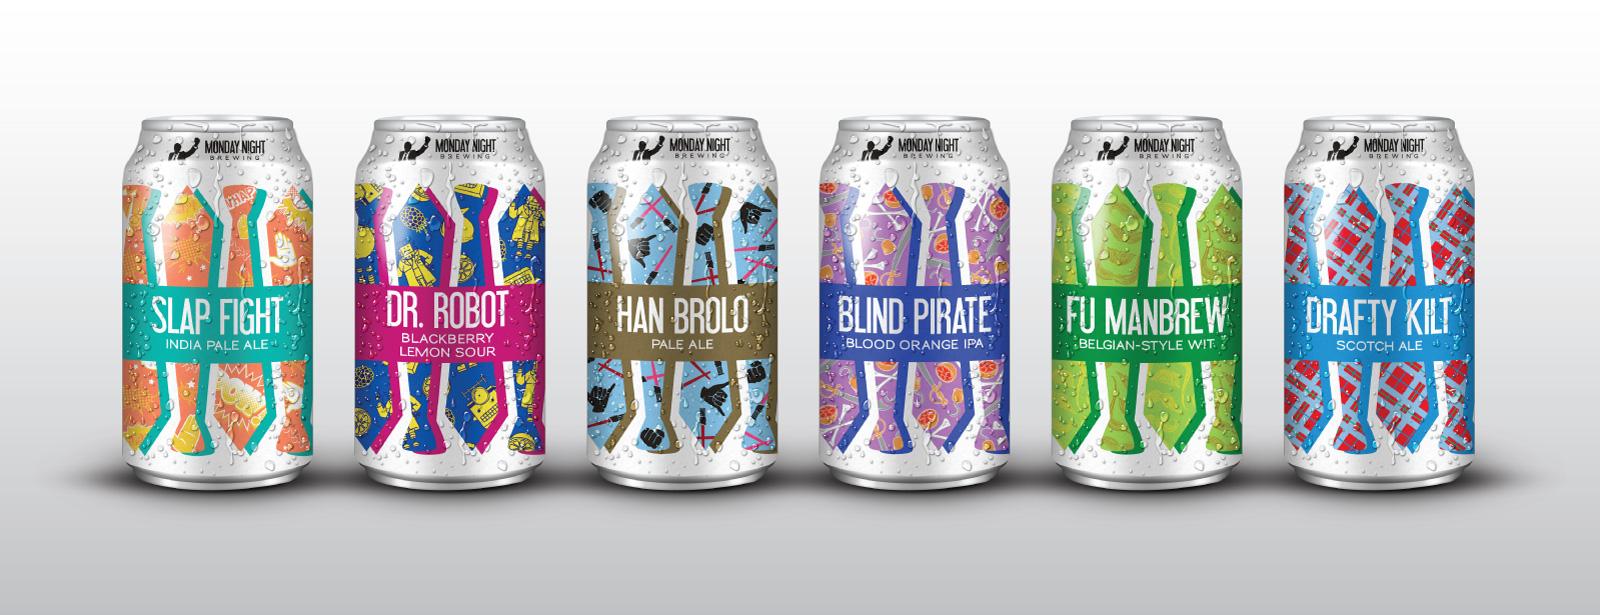 Coming soon. New beers, new packaging, new look.